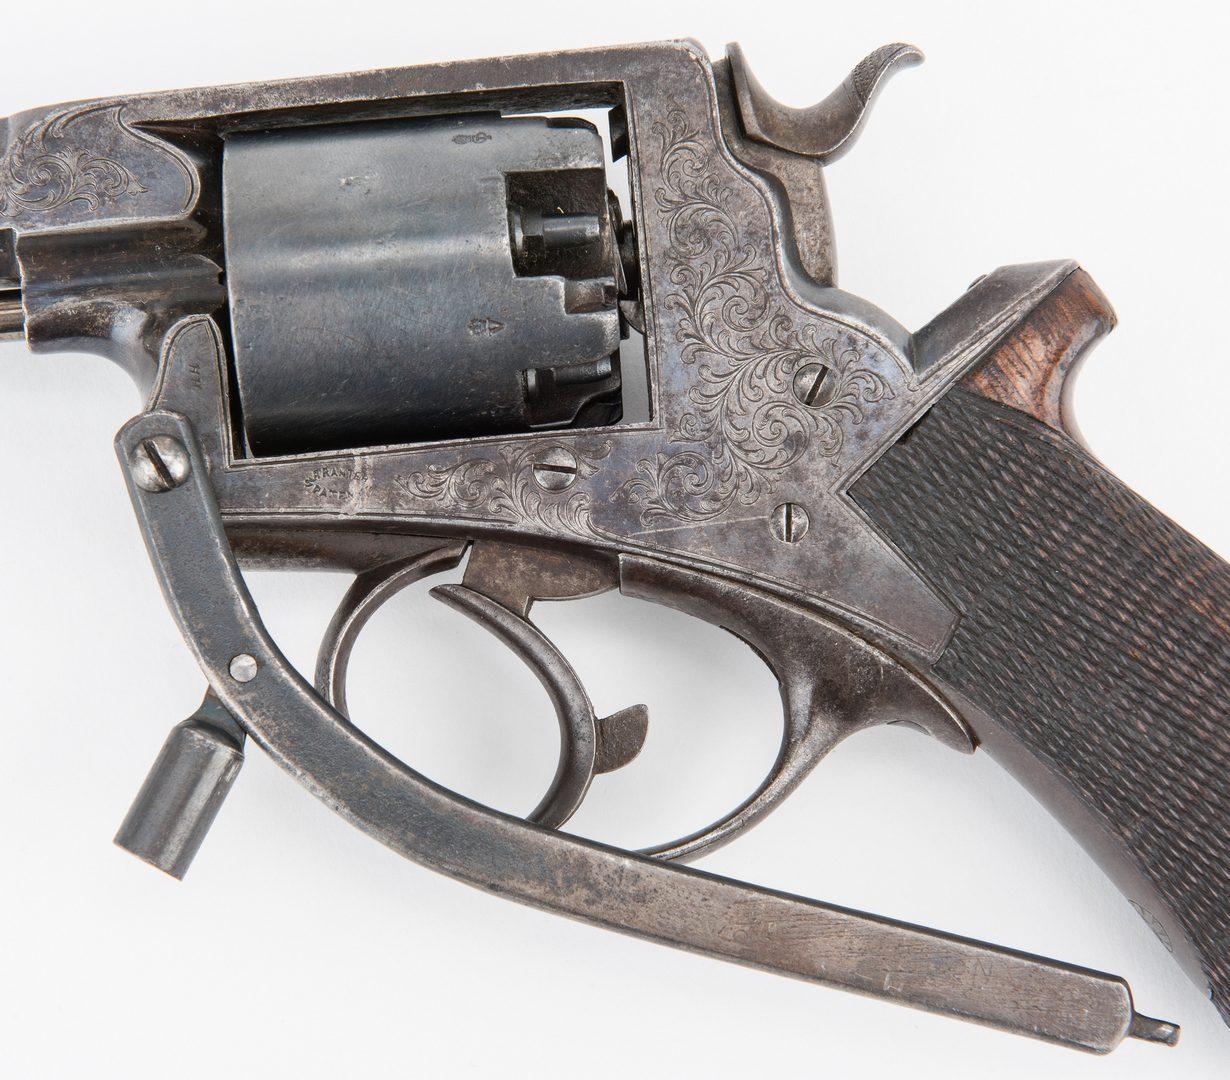 Lot 309: British Tranter Percussion Revolver, .45 caliber, SN 15035